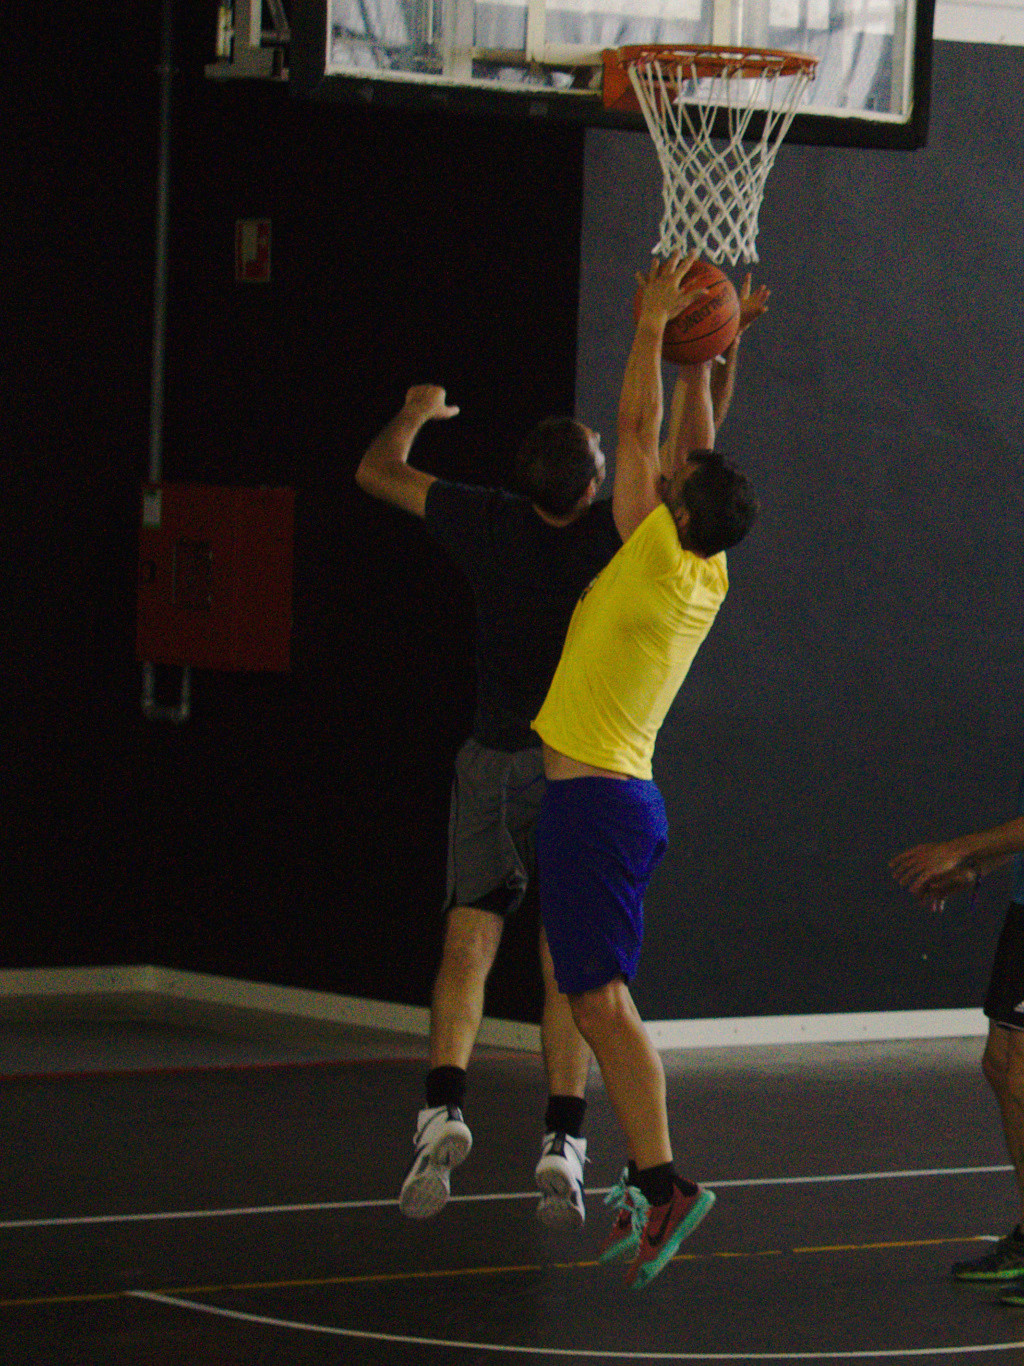 Pachanga De Basket ARF ¡ OTRO AÑO MAS ROCKET CAMPEÓN! - Página 11 Dsc02313